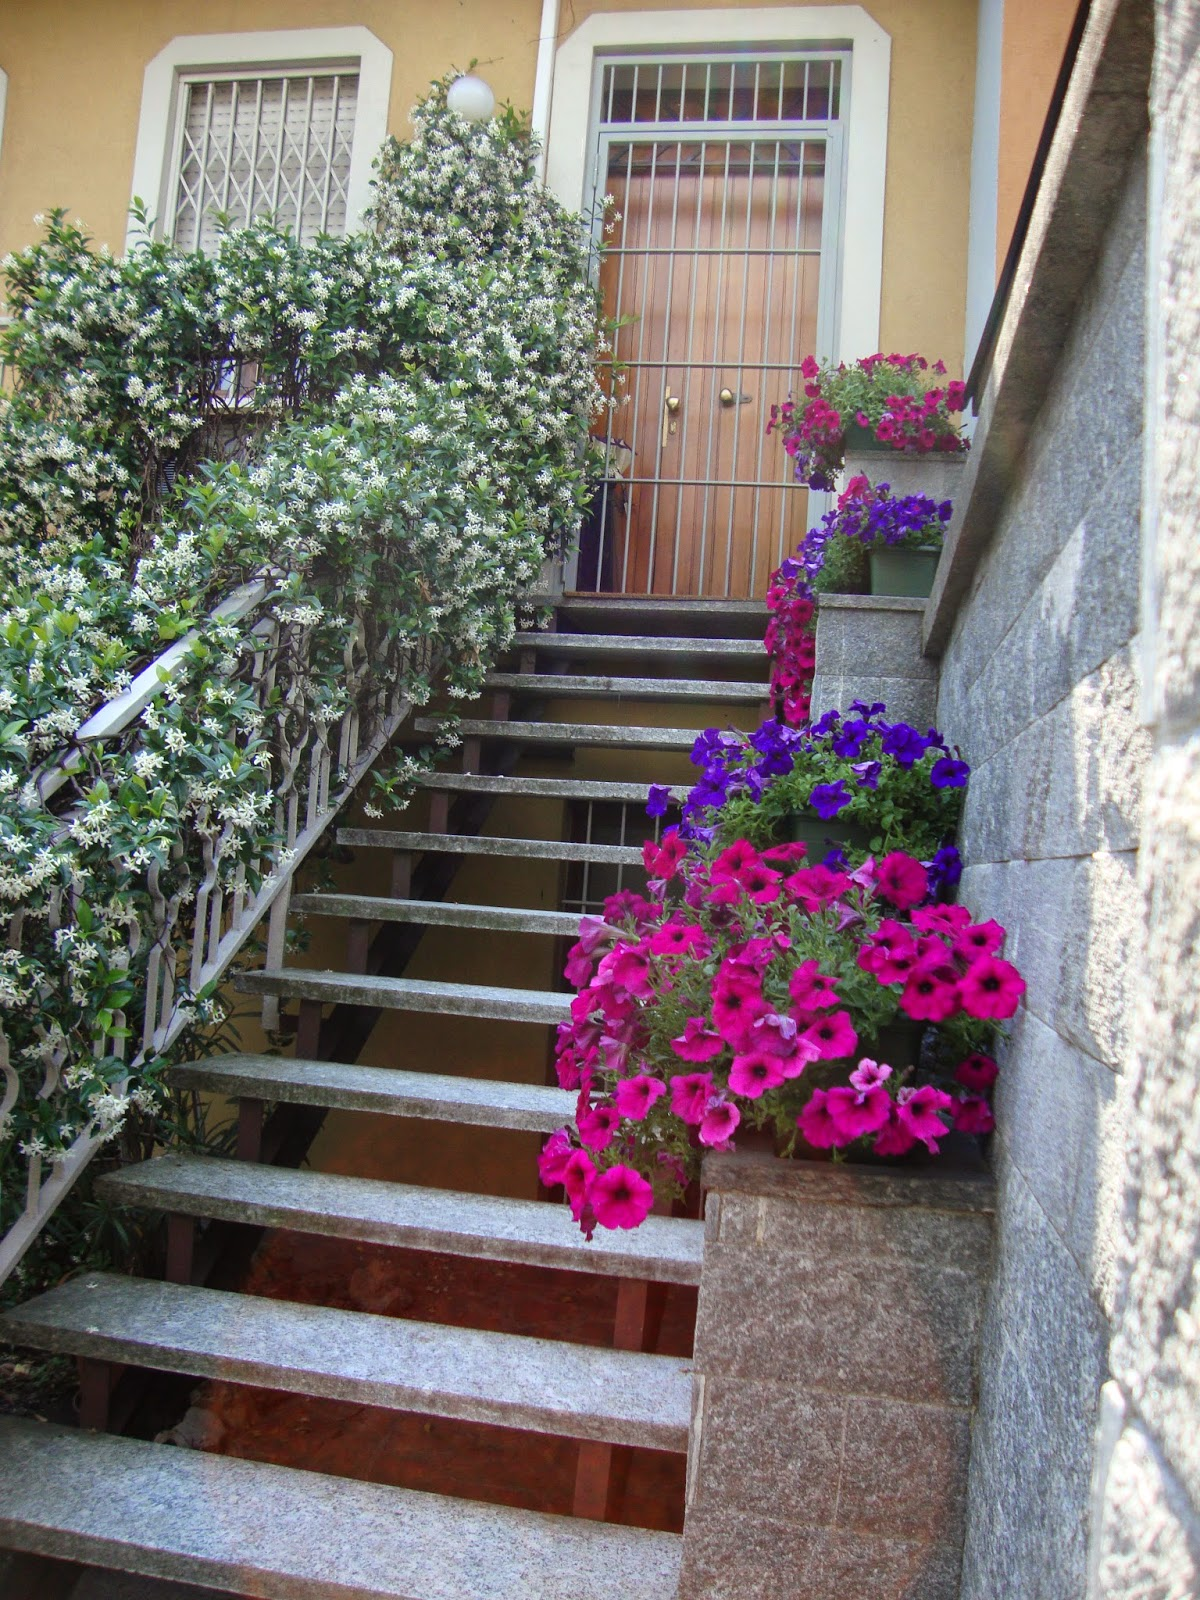 Ispirazioni giardino vasi for Piante per ingresso esterno